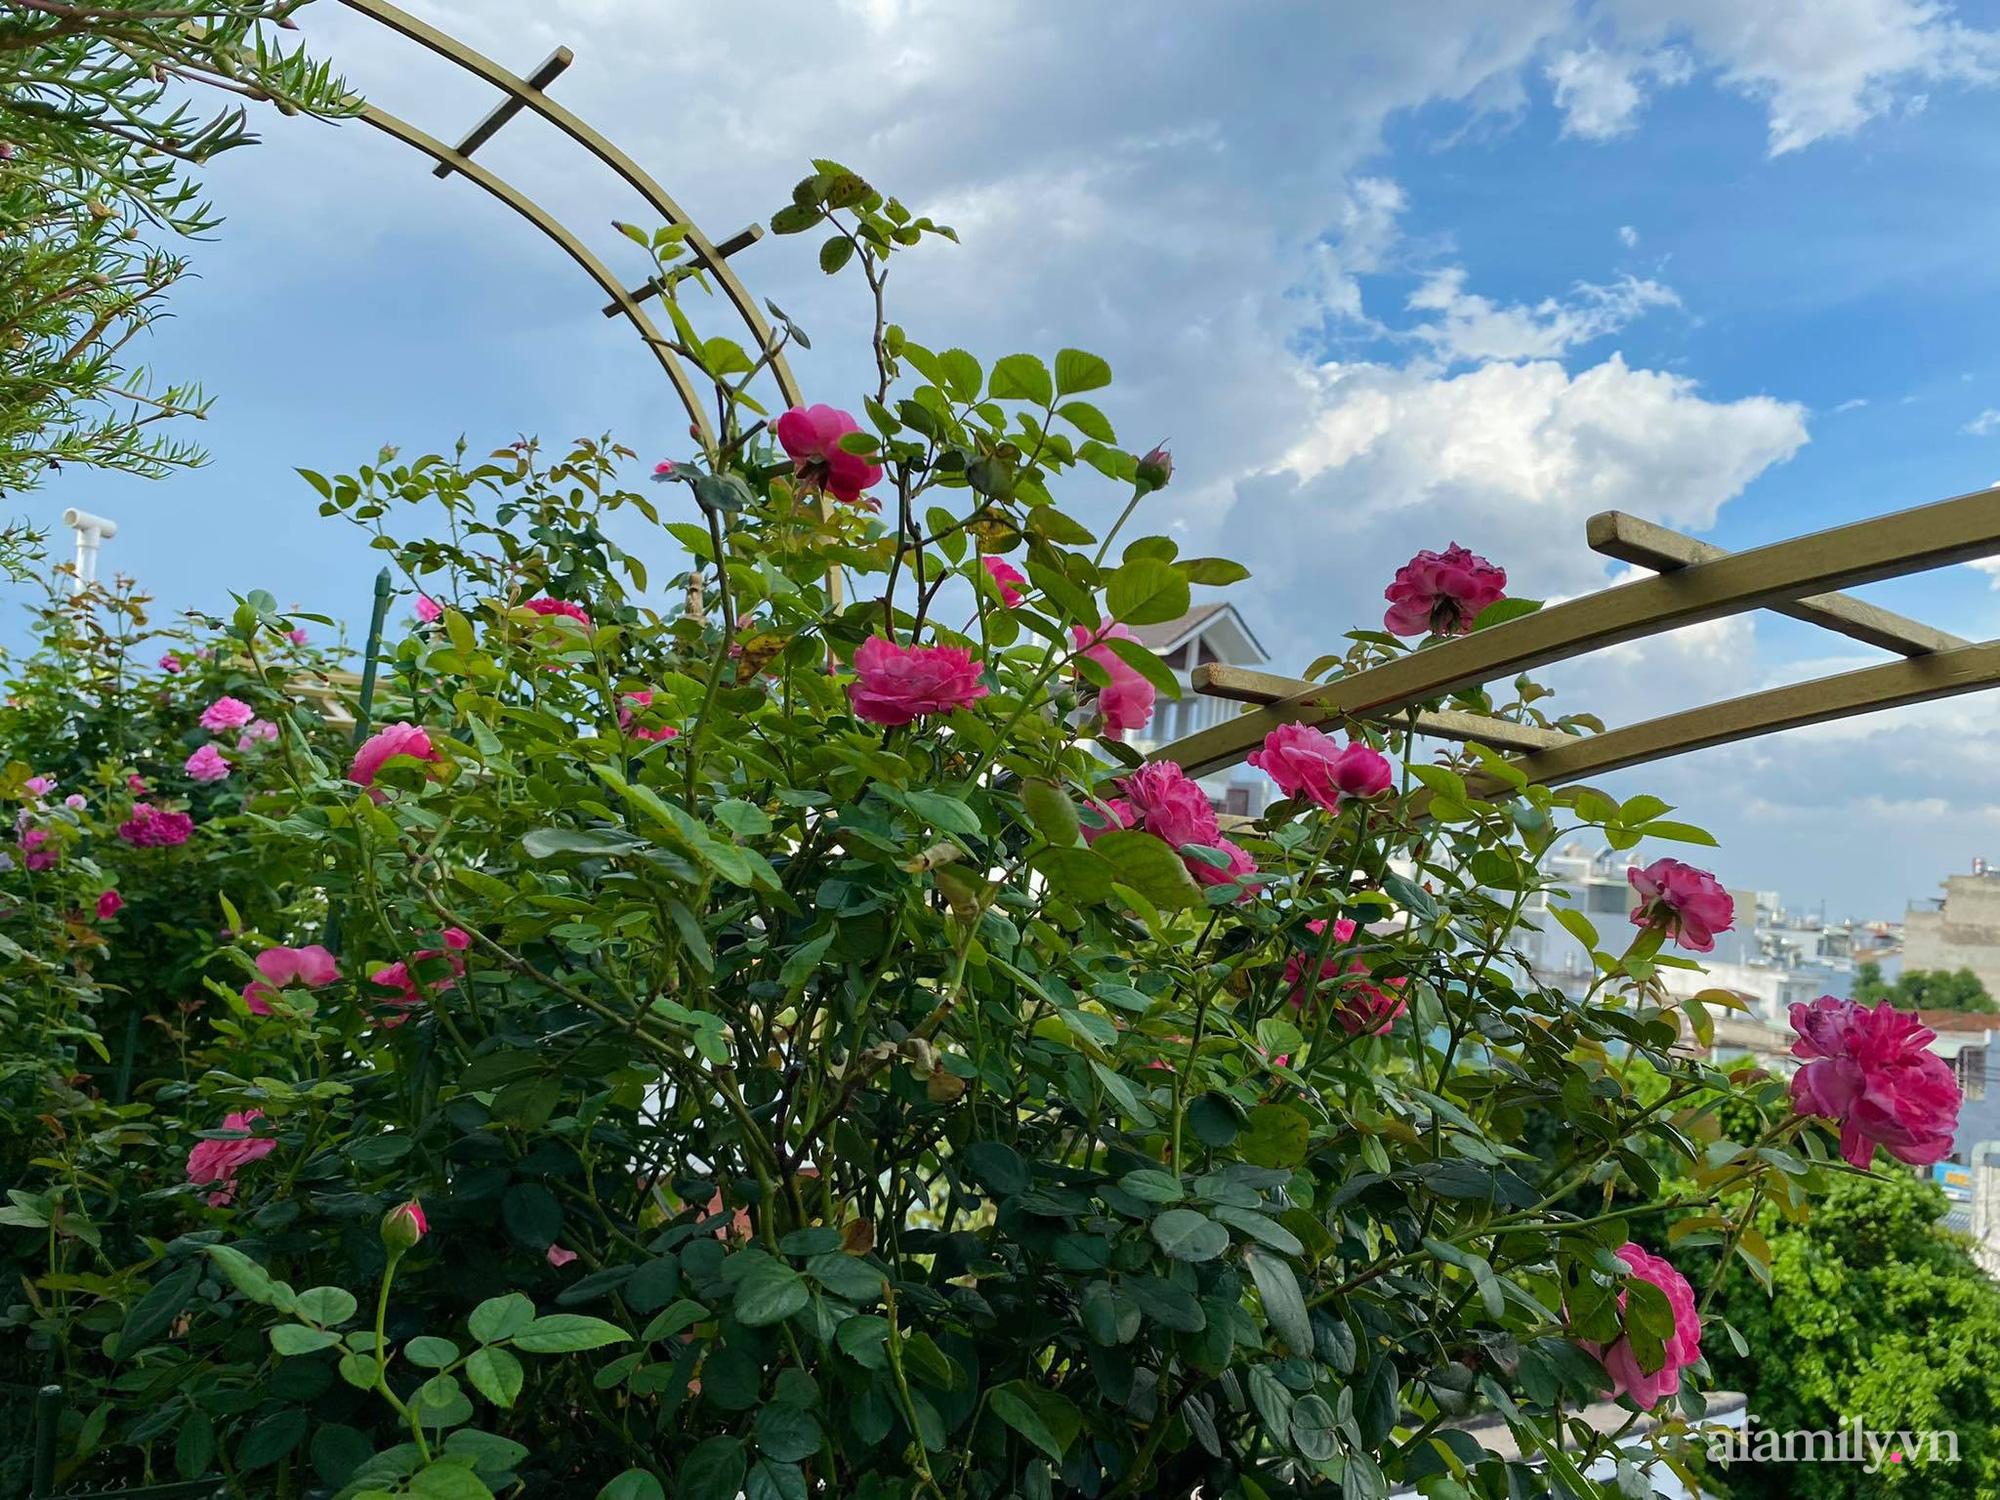 Sân thượng phủ kín hoa hồng và rau quả sạch ở Sài Gòn của Hoa hậu Janny Thủy Trần - ảnh 16